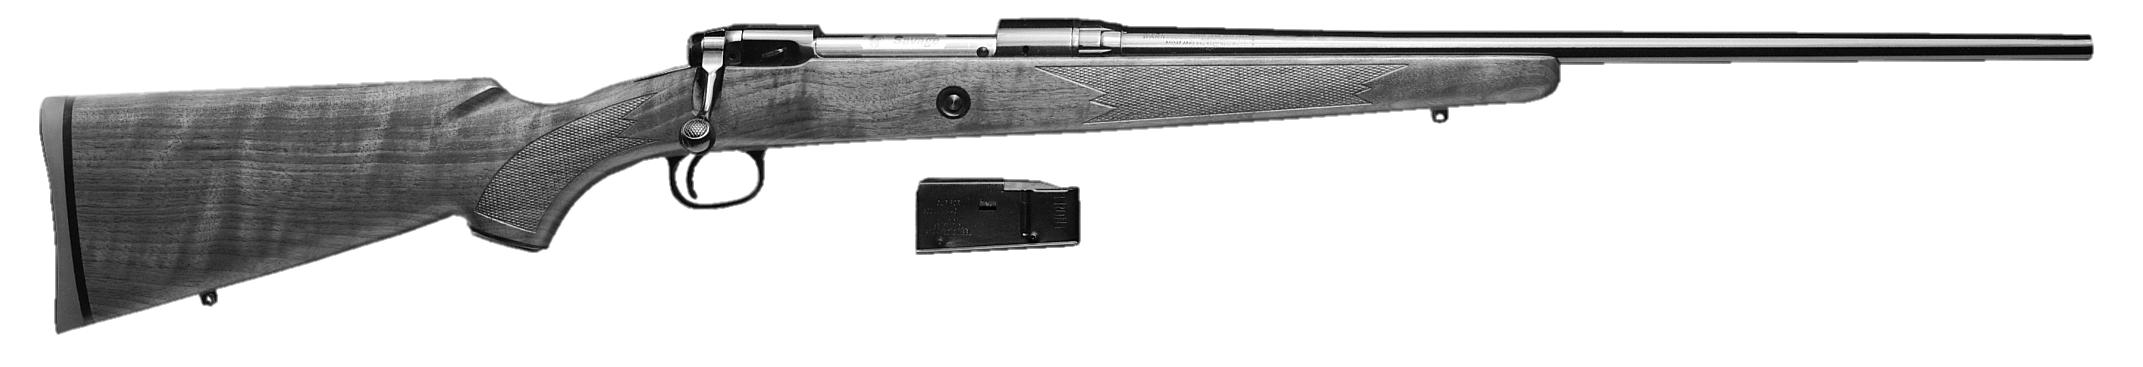 Model 114C—Classic